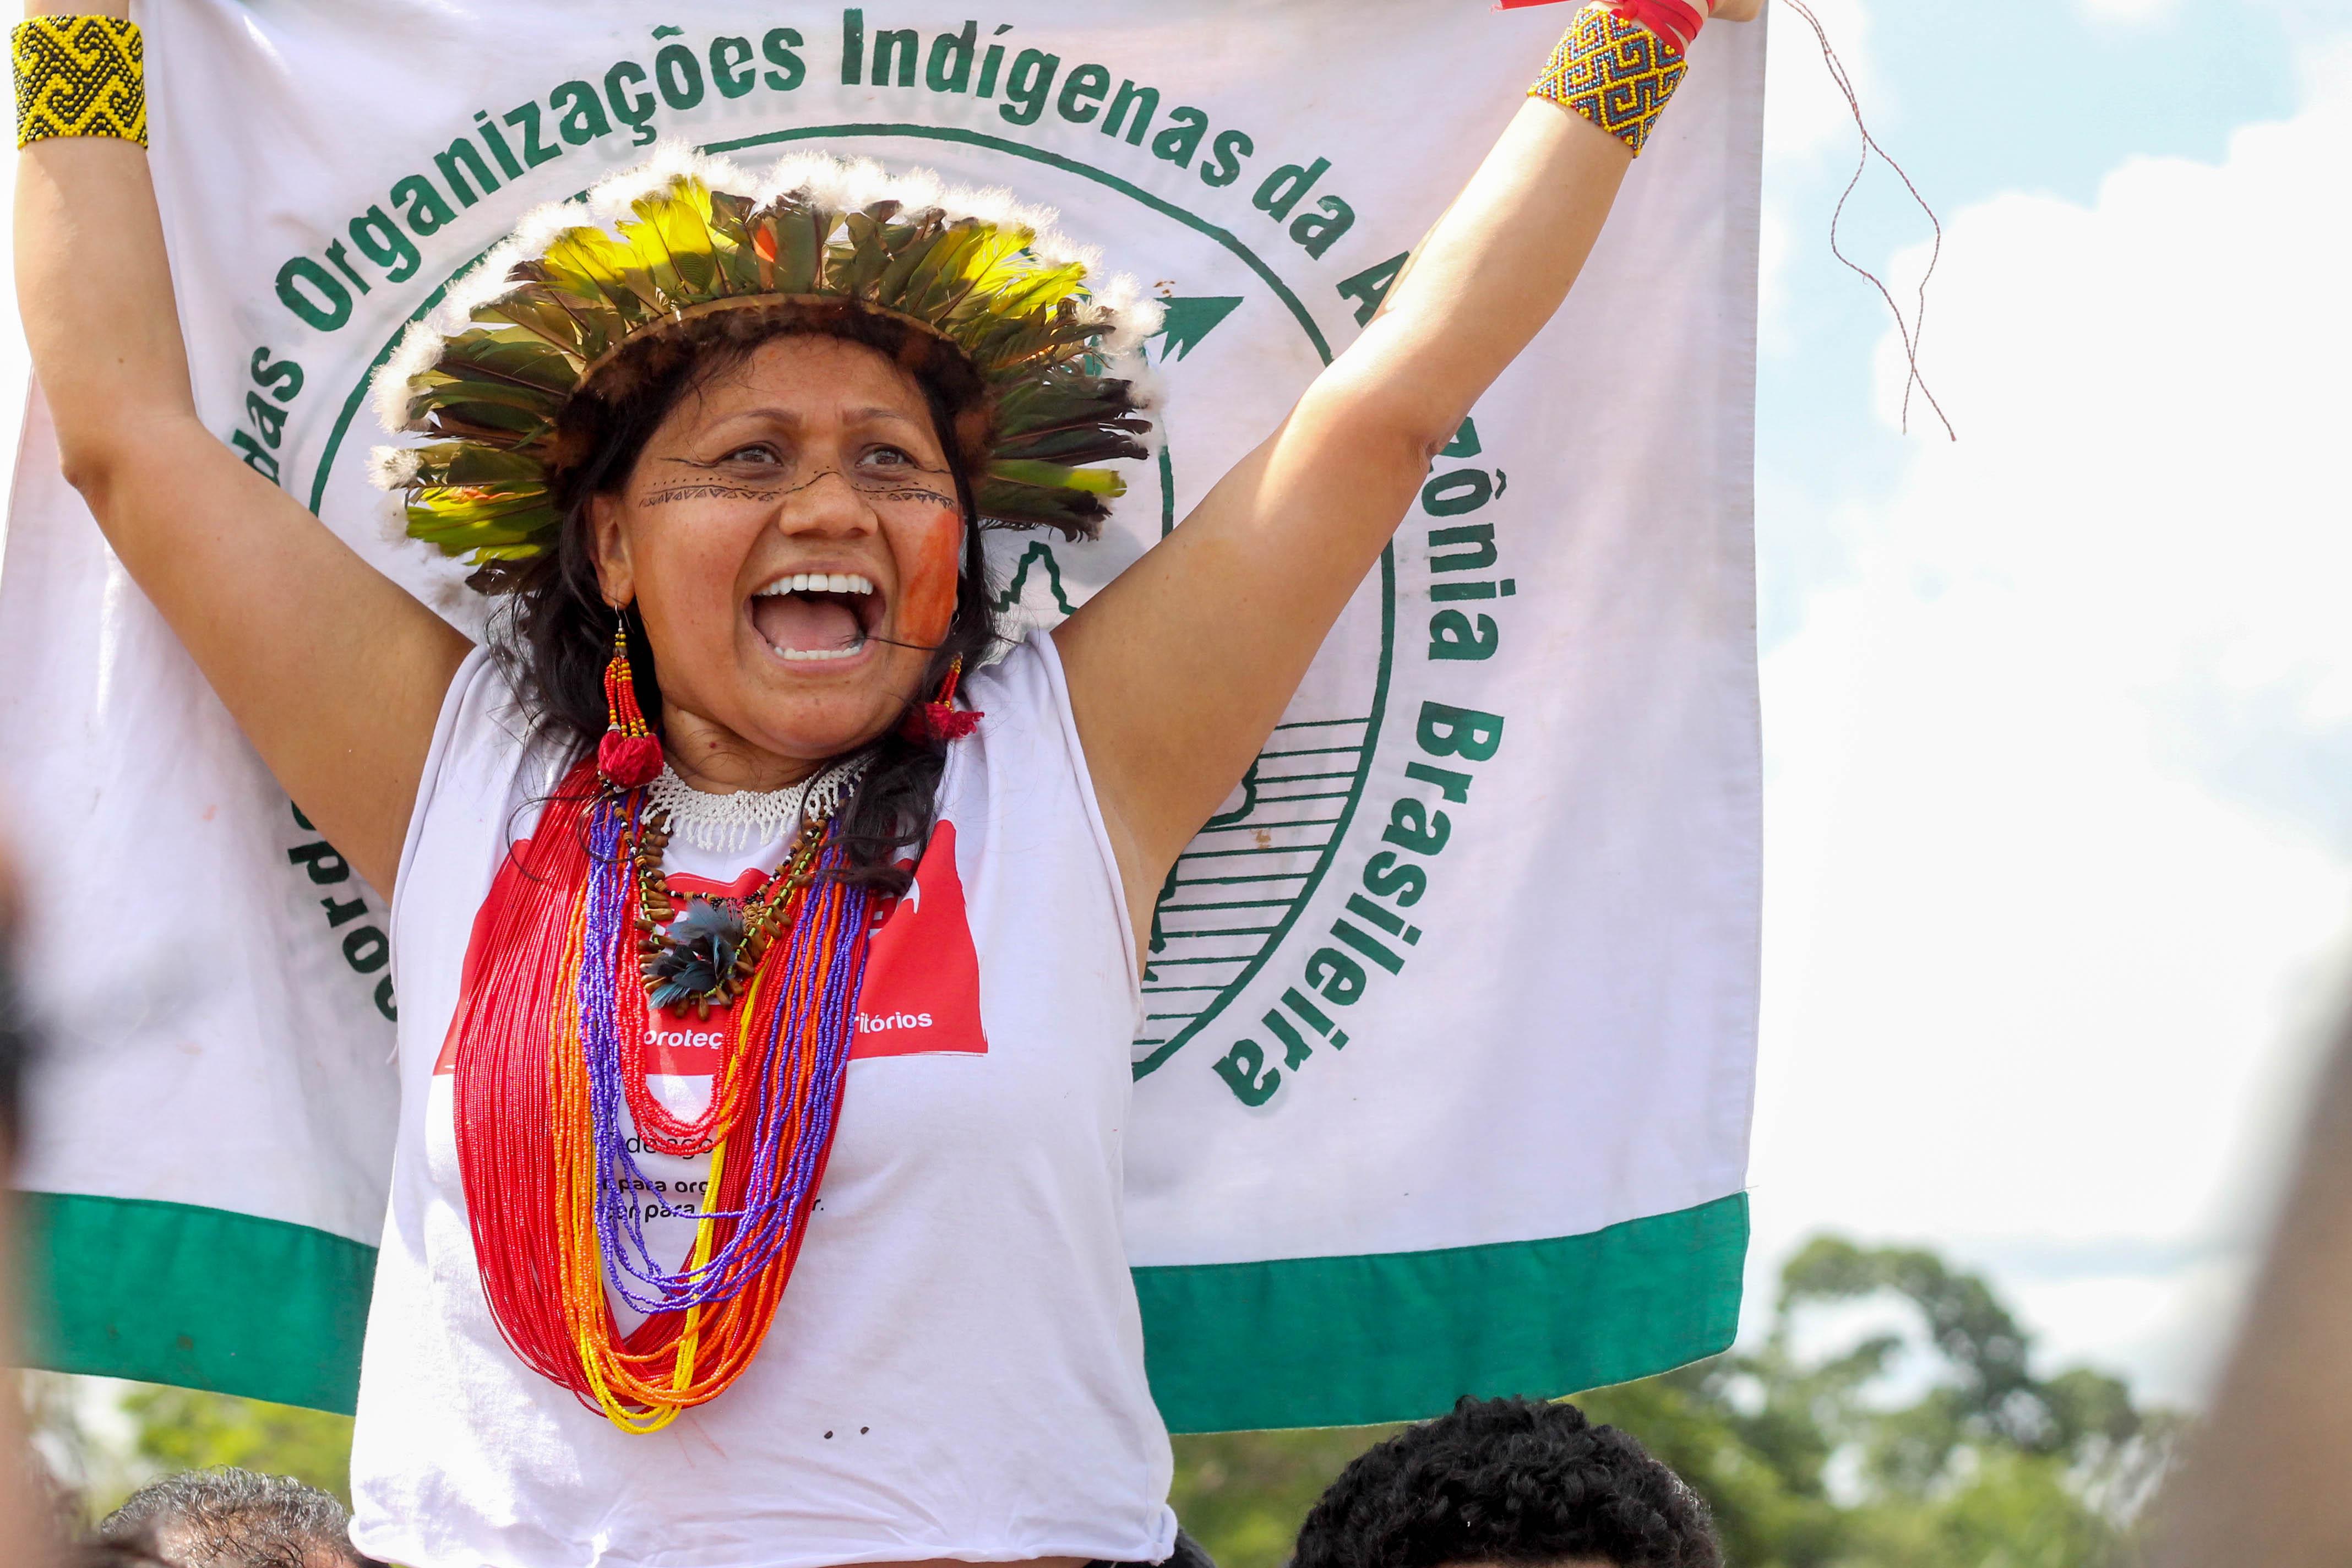 Francinara Barè, leader indigena, Coordinatrice della COIAB, Confederazione Delle Organizzazioni Indigene dell'Amazzonia Brasiliana (Foto Greenpeace)